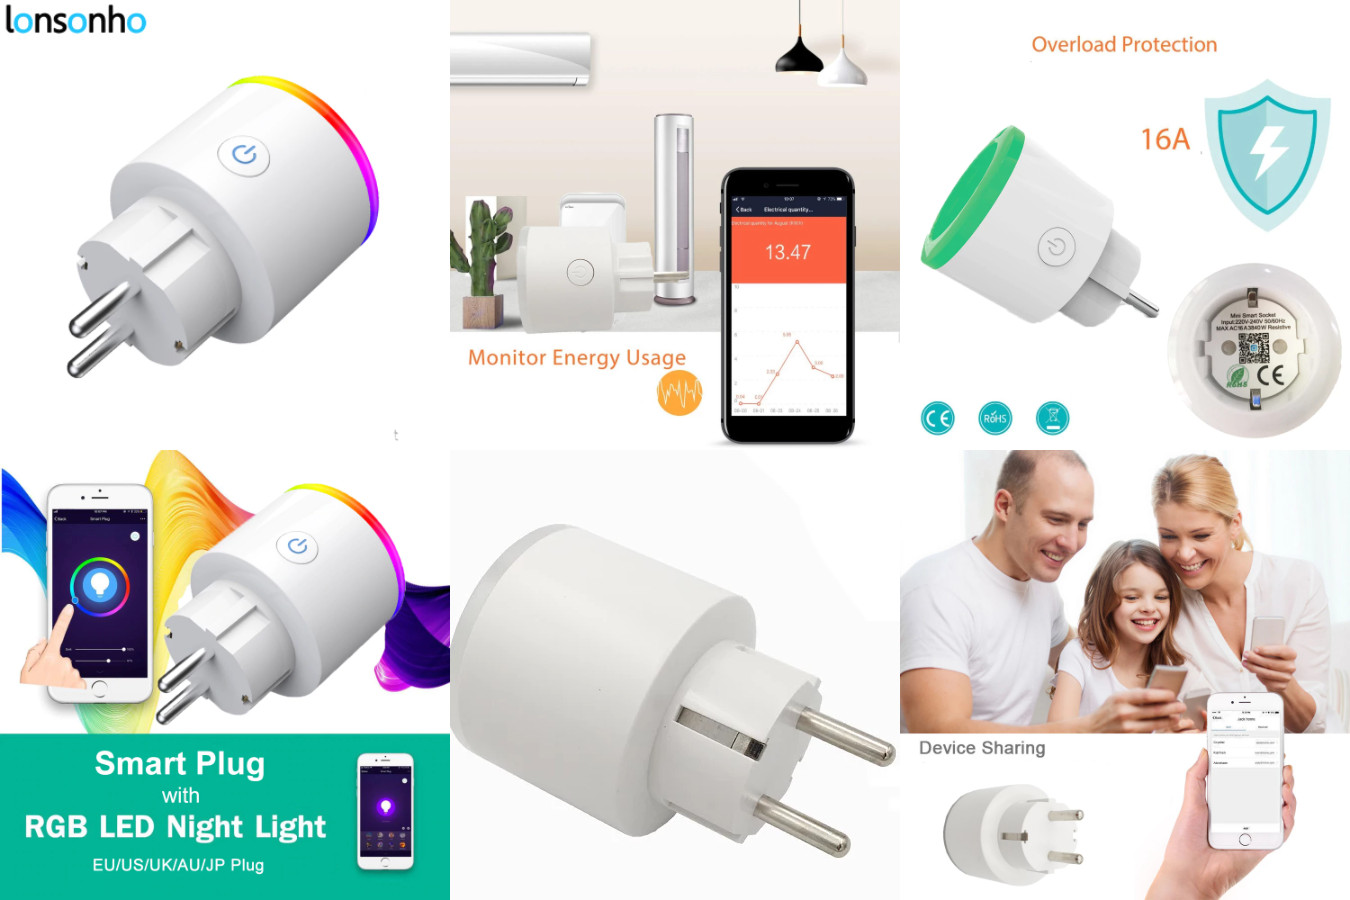 Розетка — ночник — Lonsonho Smart Plug